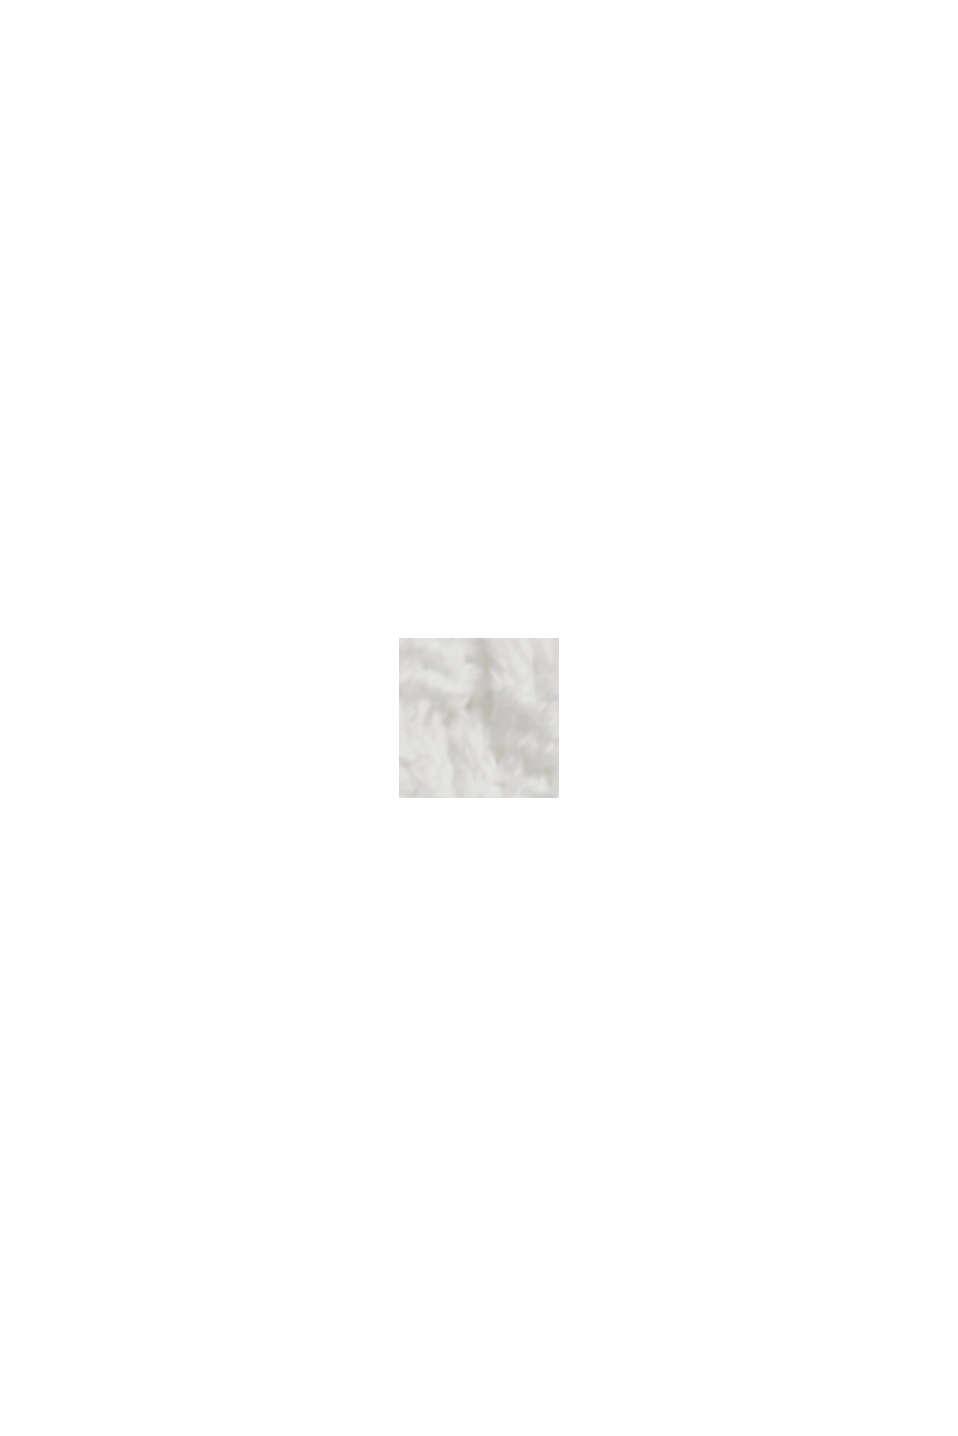 Pullover con motivo traforato, 100% cotone biologico, OFF WHITE, swatch